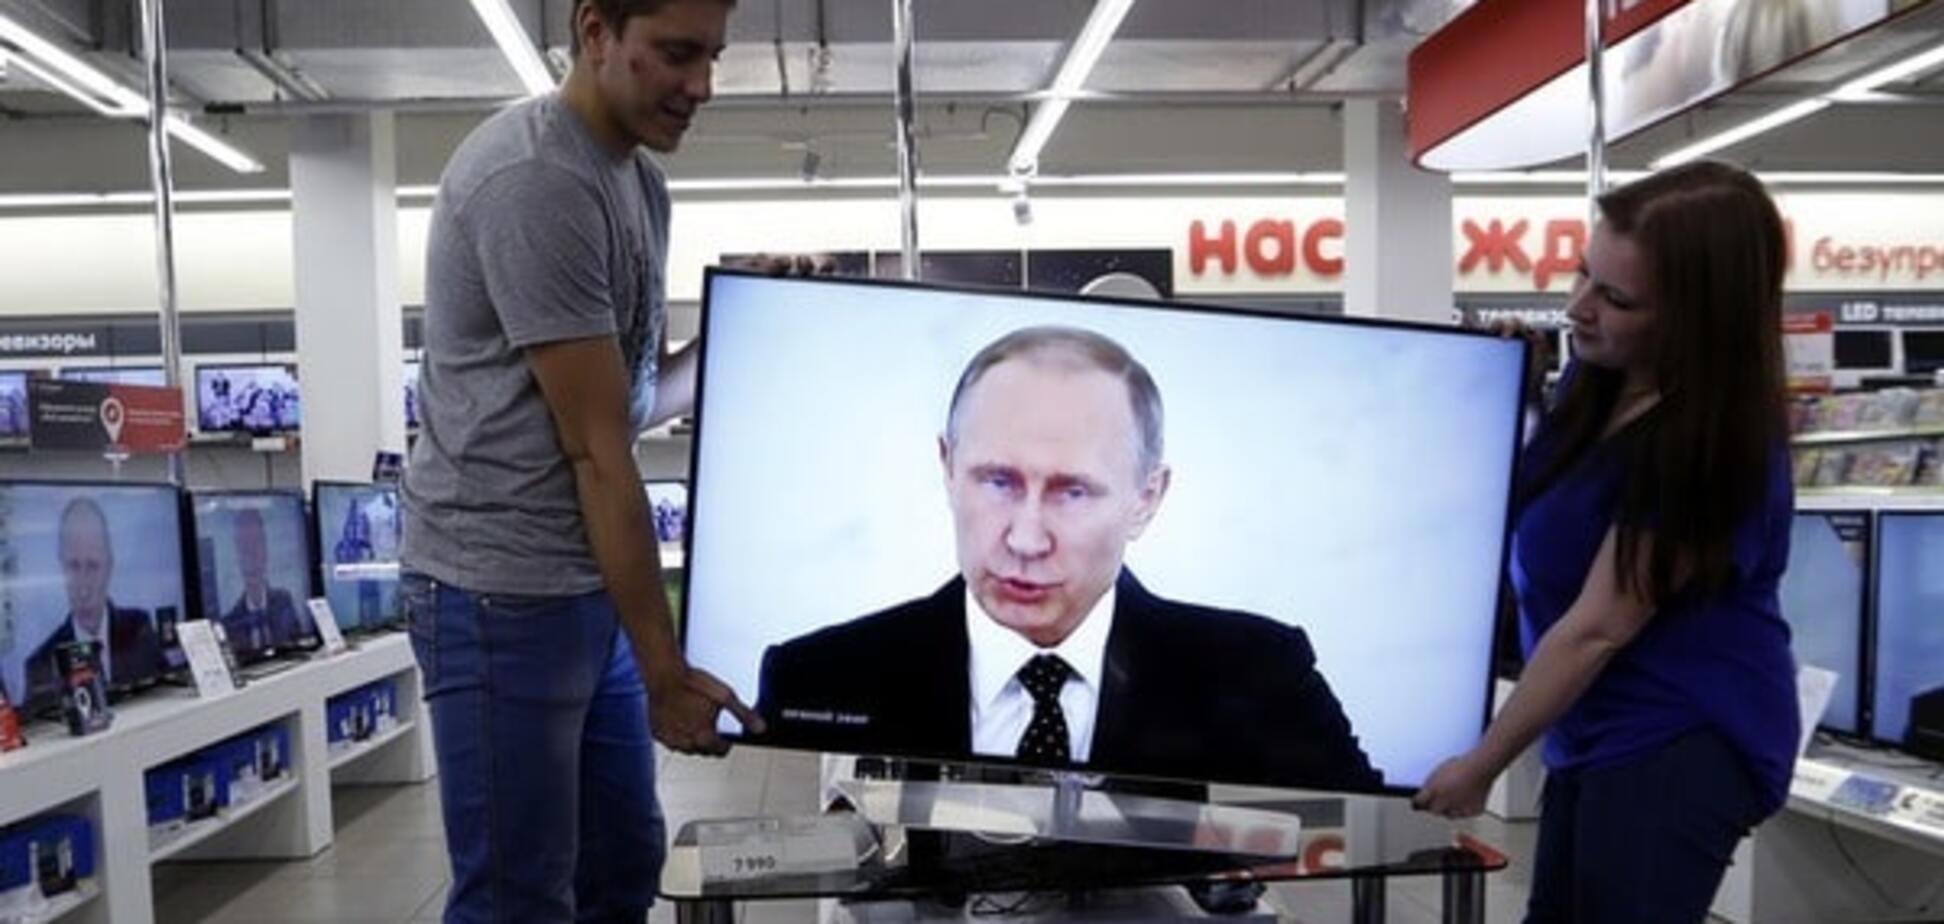 Достукатися до рабів: Путін більше нічим не відрізняється від Хусейна і Каддафі - Бабченко